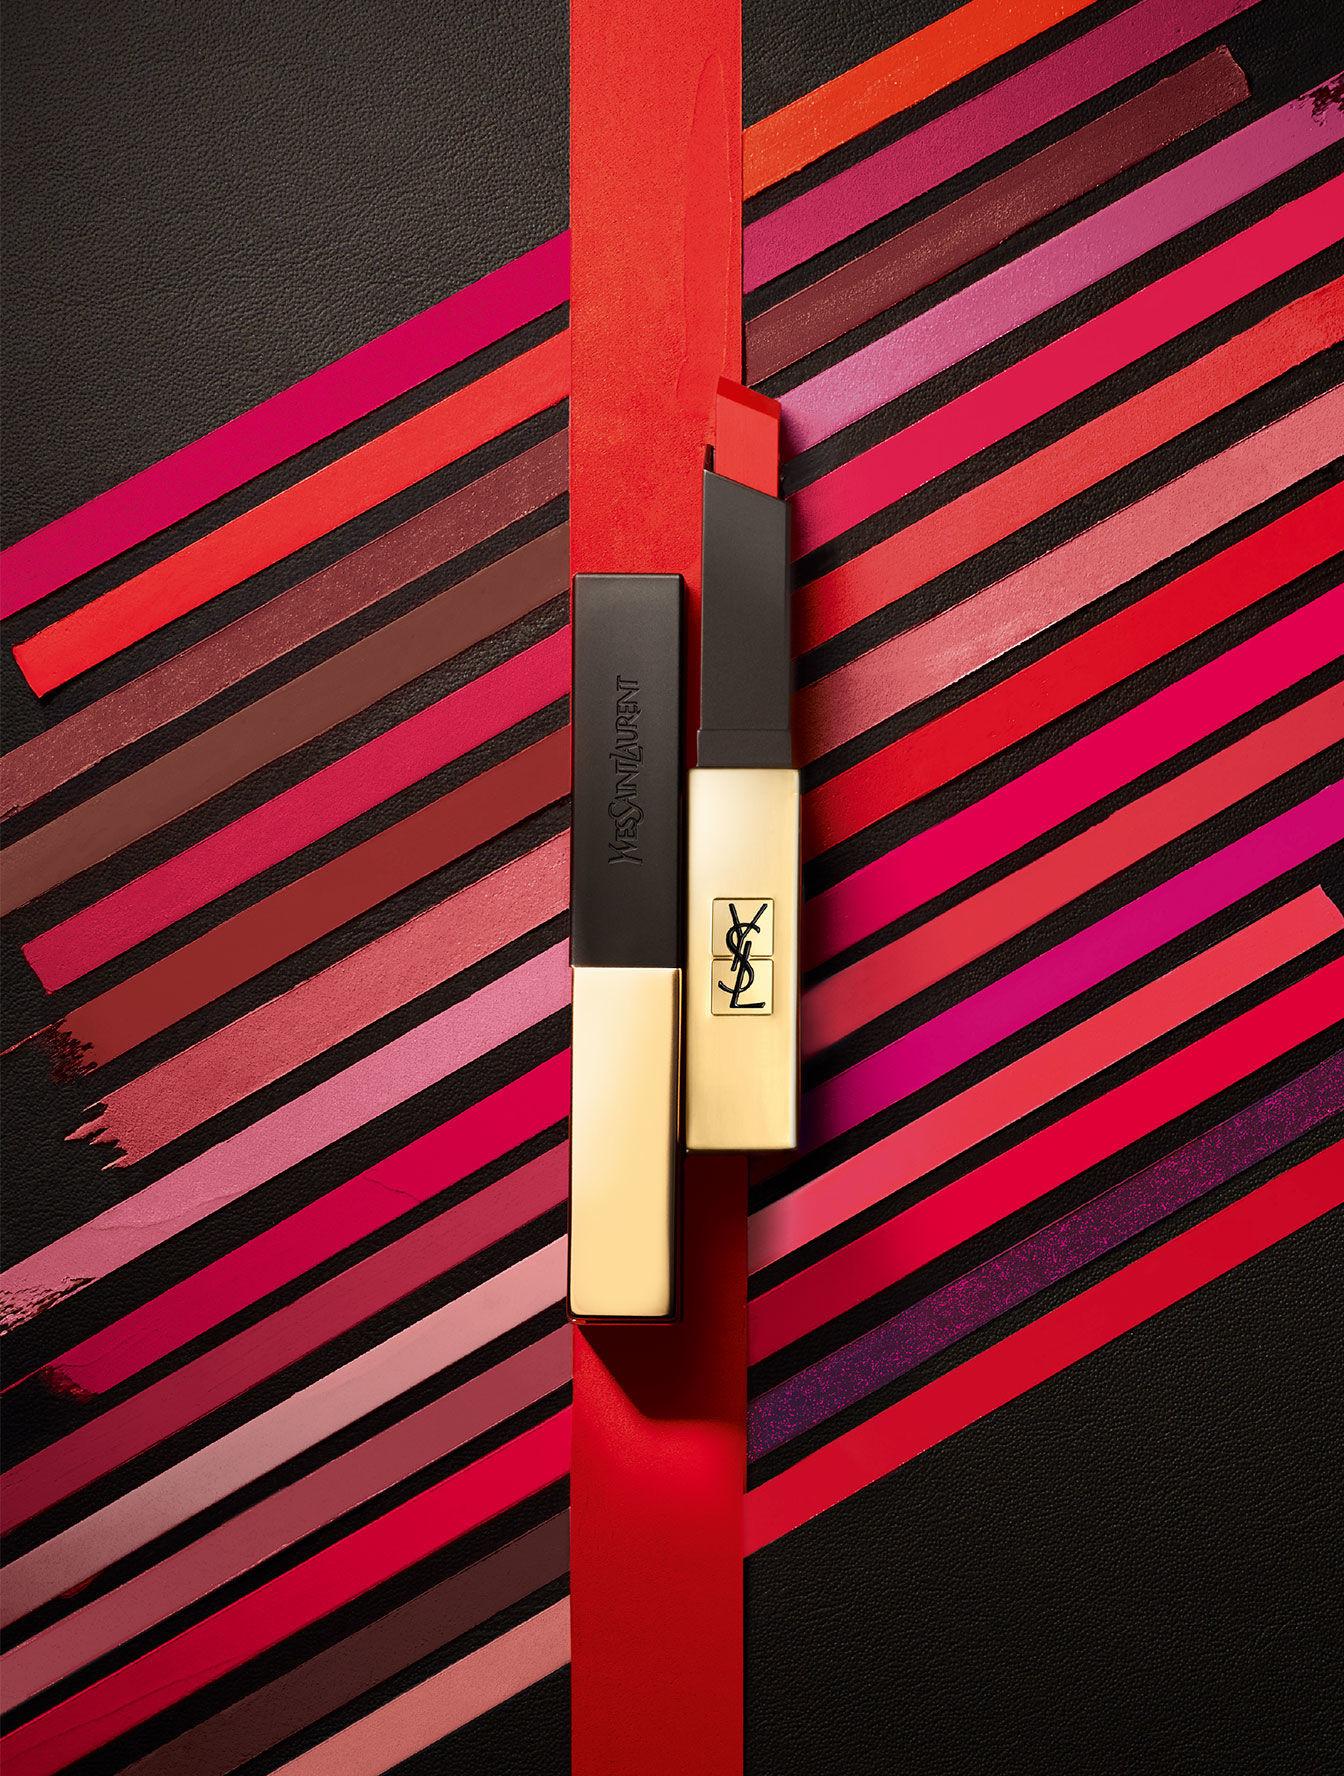 Yves Saint Laurent Rouge Pur Couture Slim Matte Lipstick